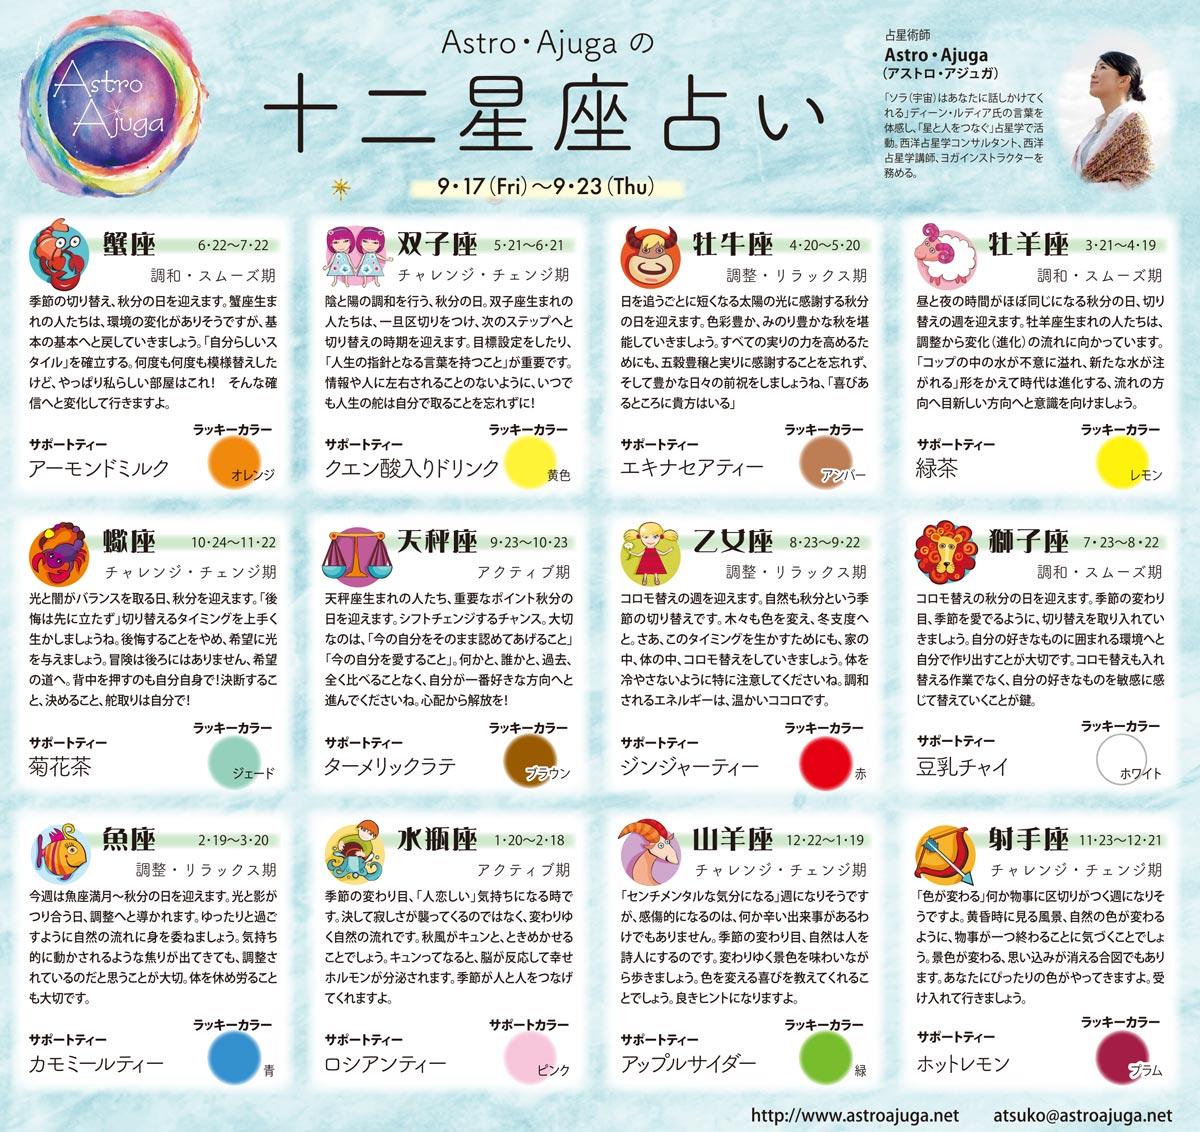 週刊ベイスポ「12星座占い」の連載(9/17〜9/23)